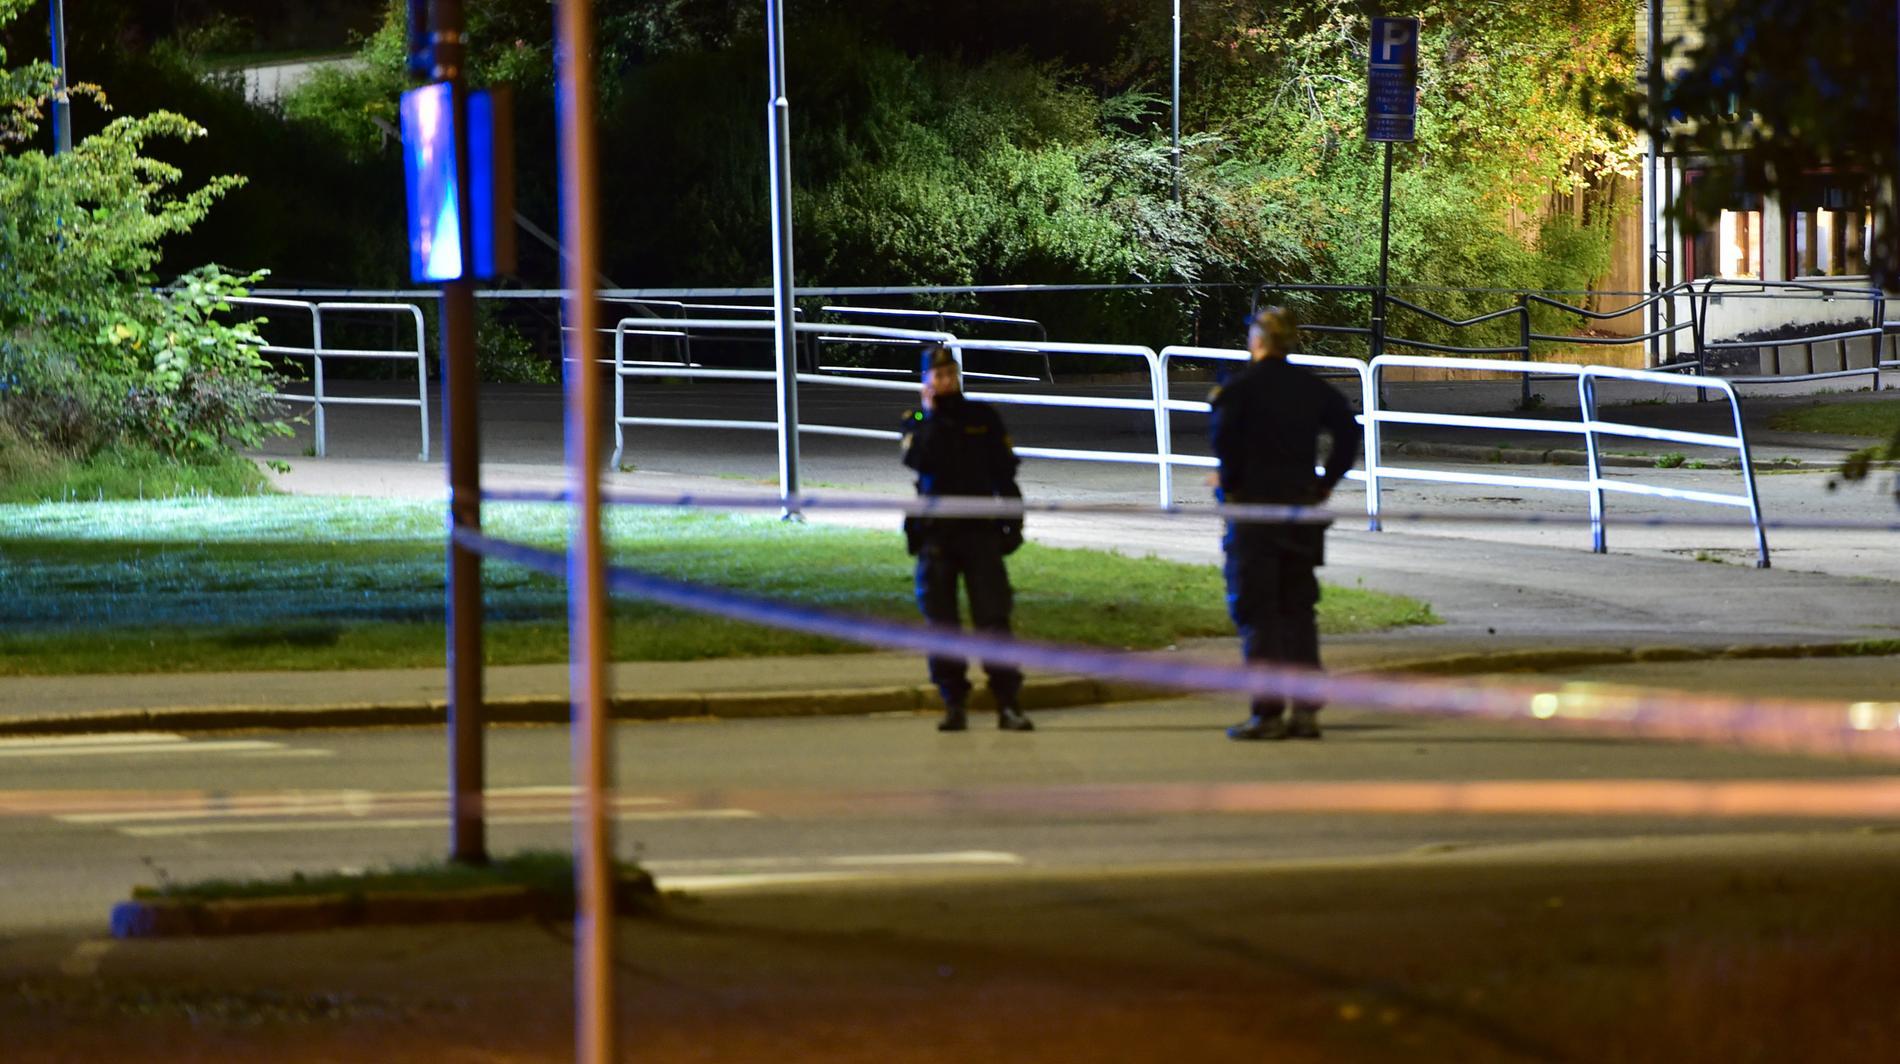 Polis på plats efter mordet.